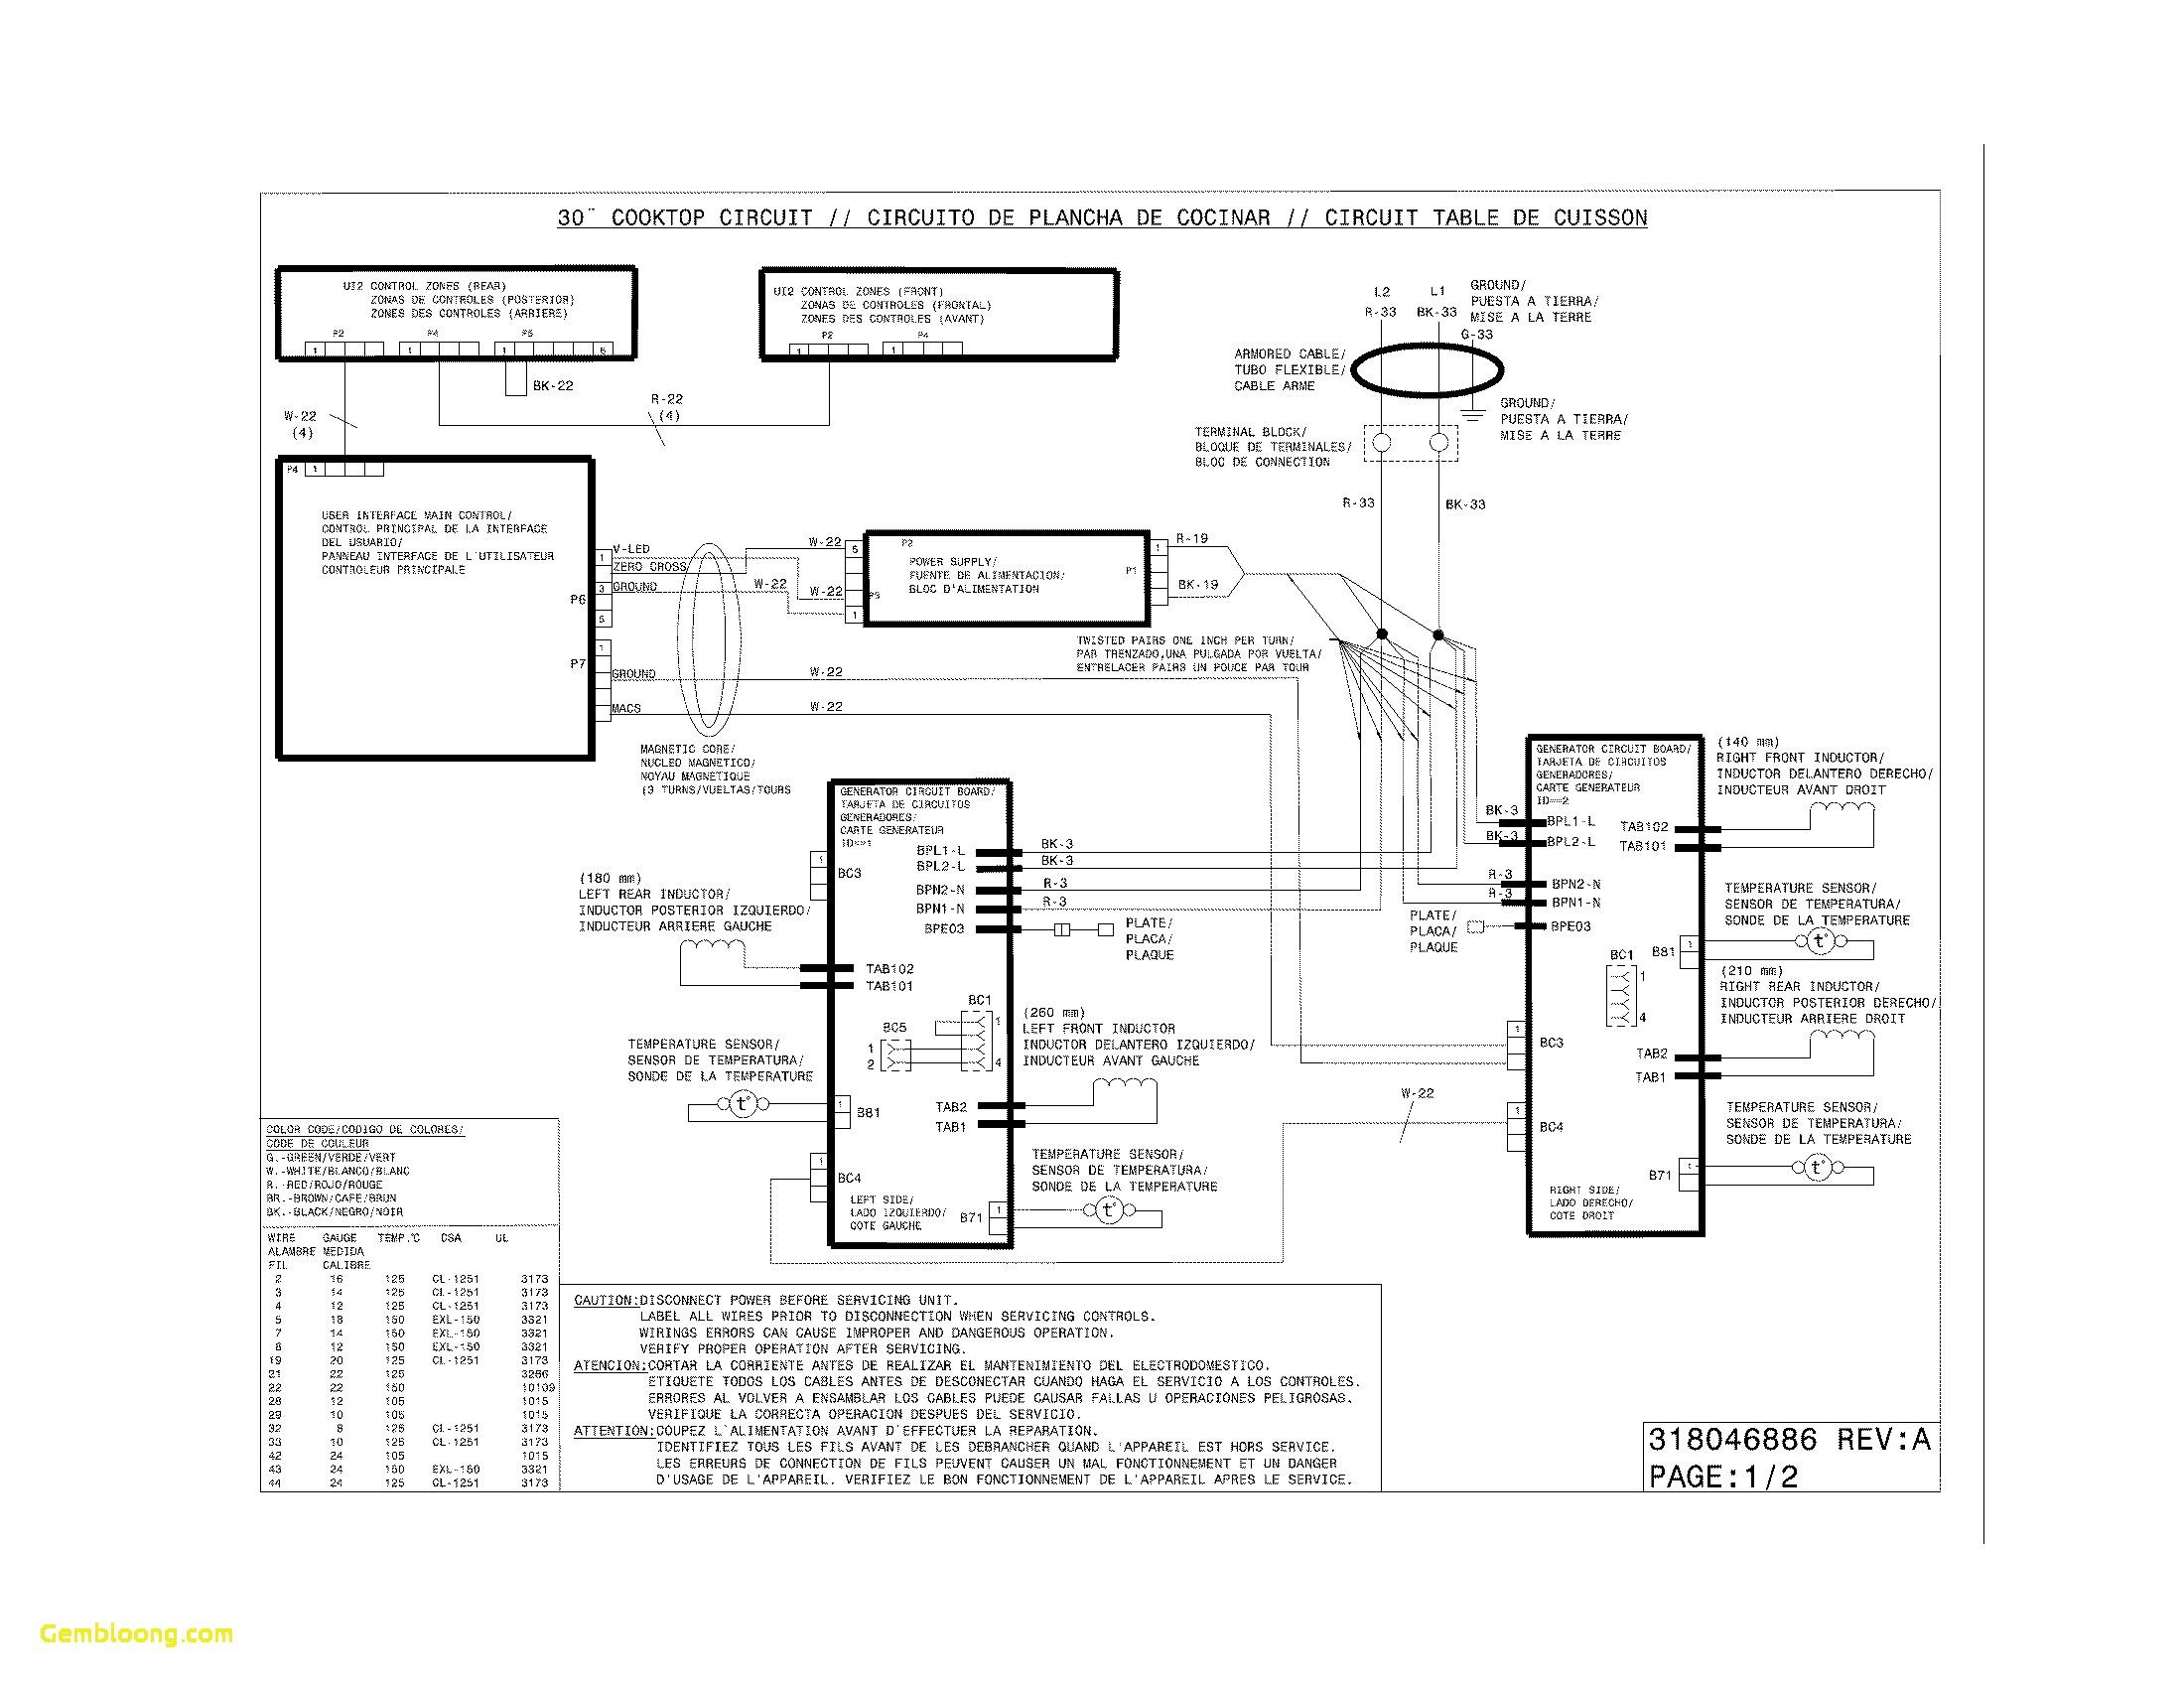 Craftsman Garage Door Opener Sensor Wiring Diagram Download Wiring - Craftsman garage door opener wiring diagram